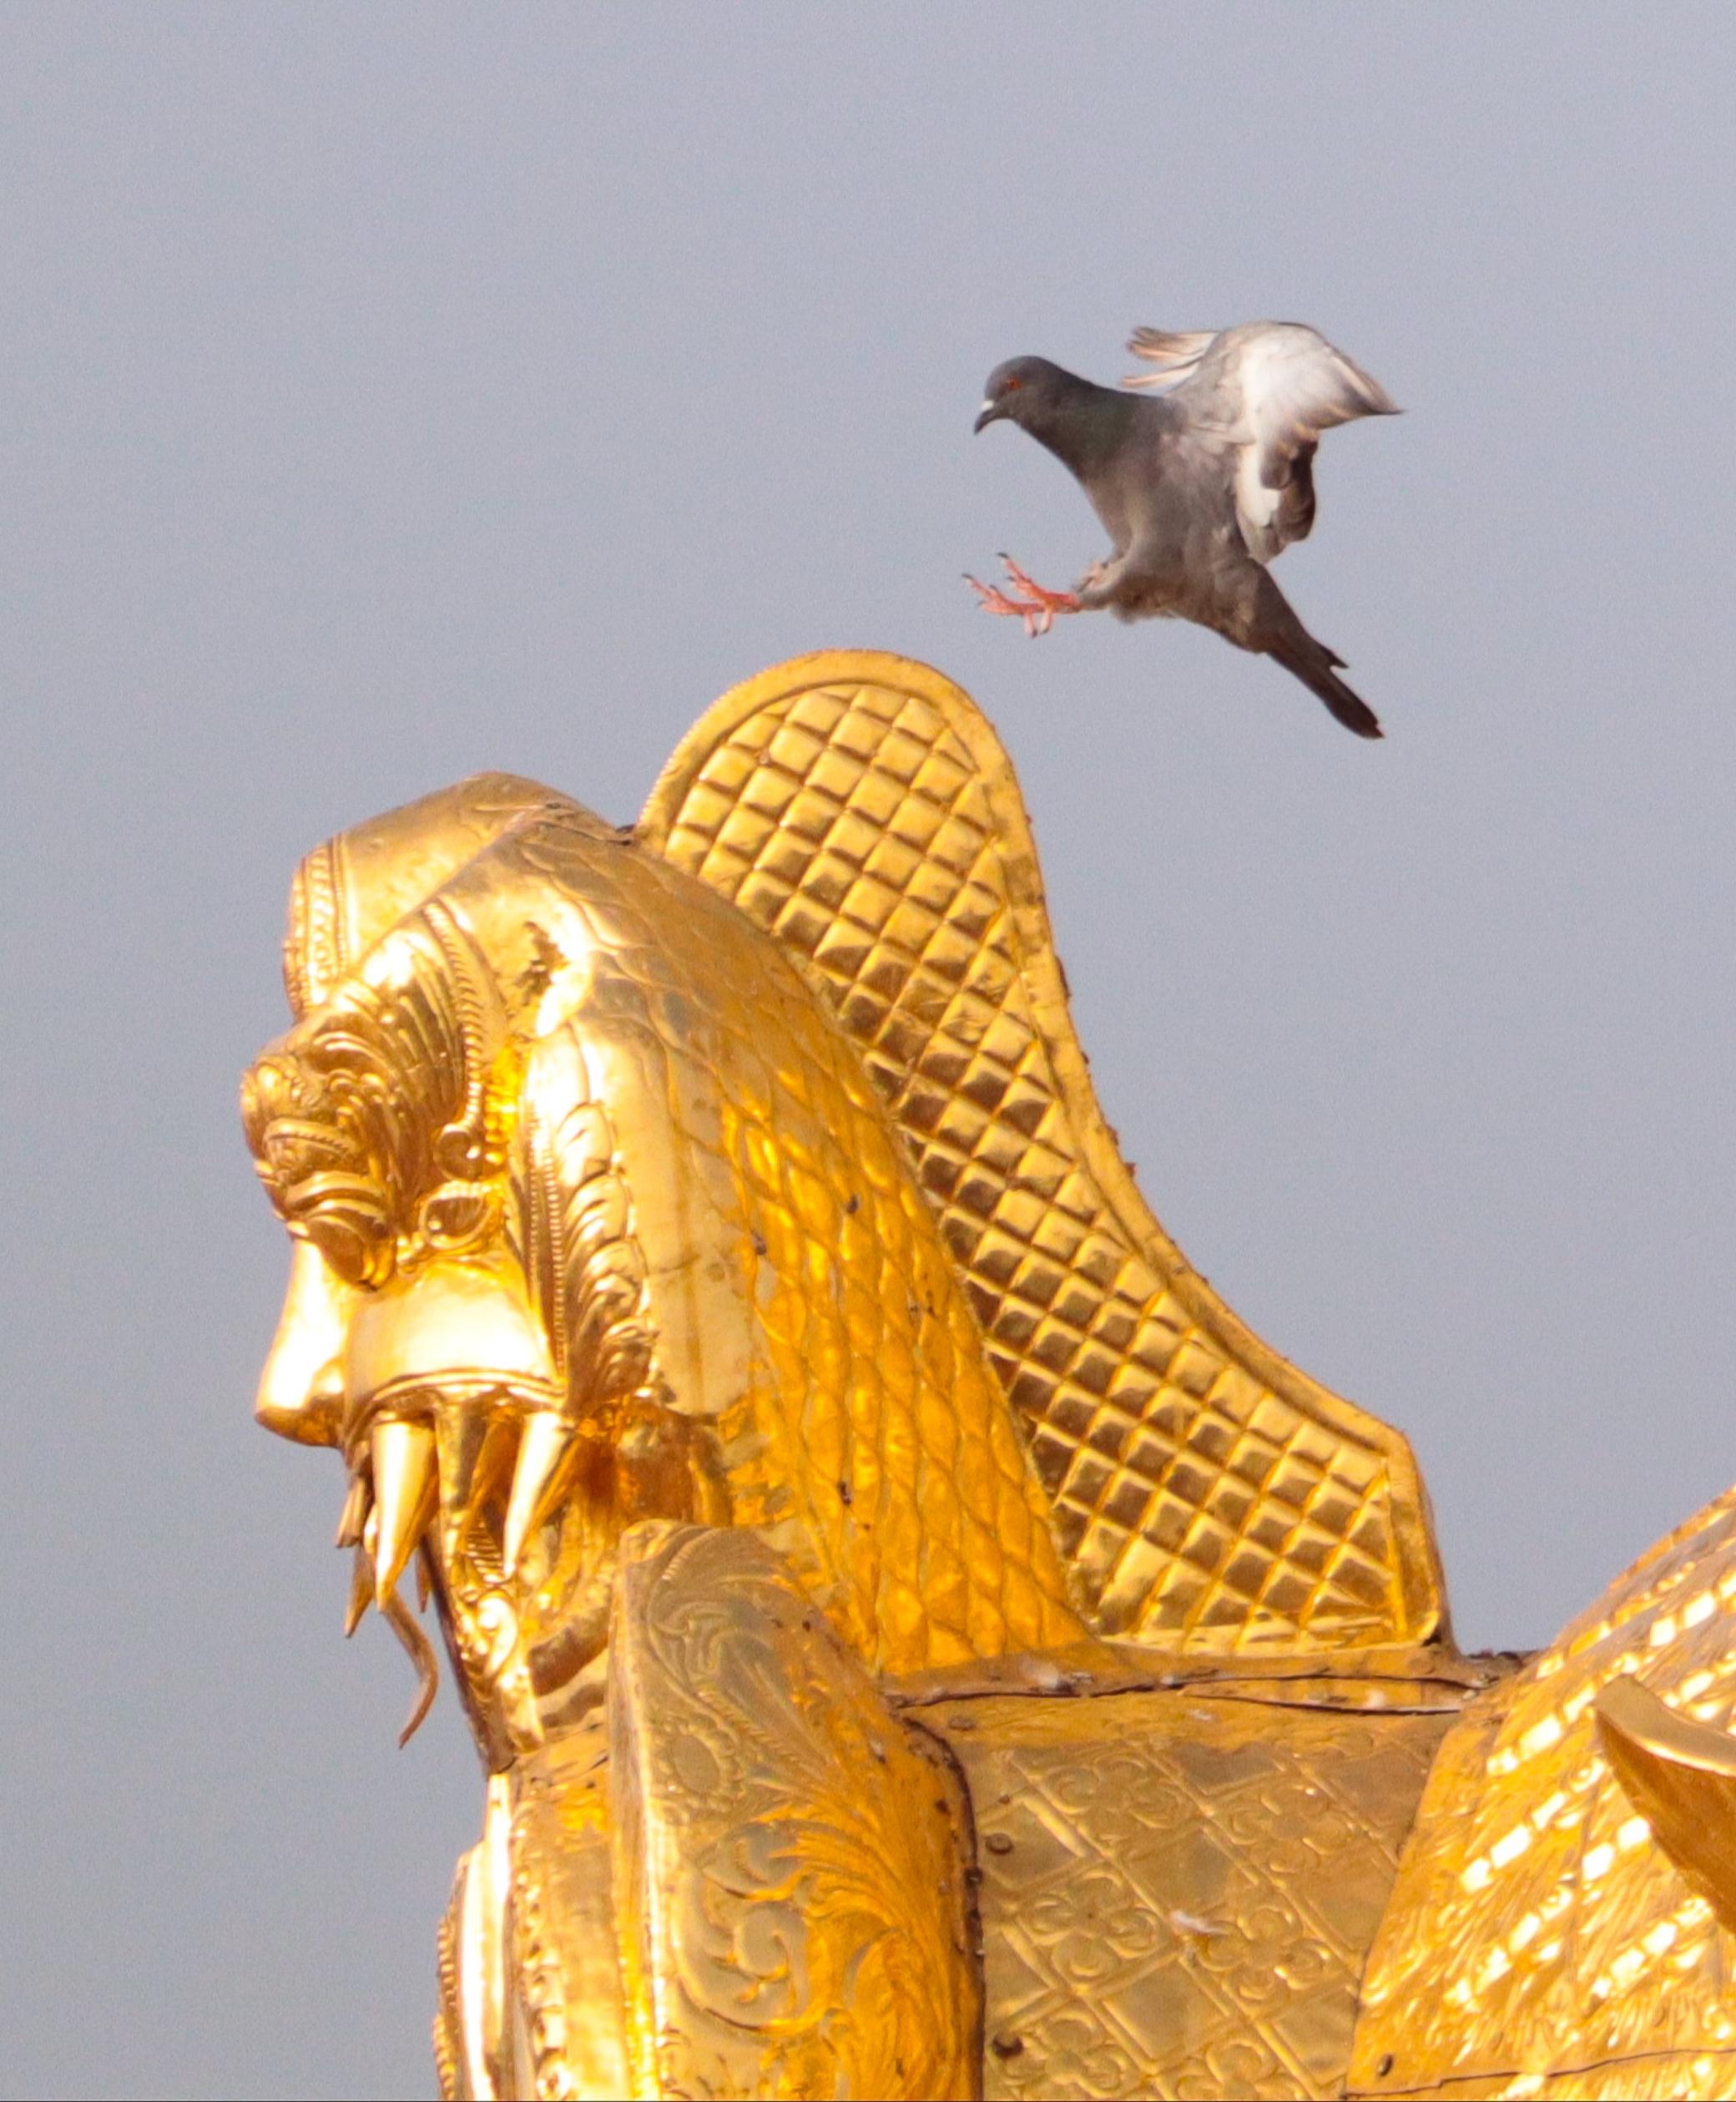 A pigeon landing on a sculpture